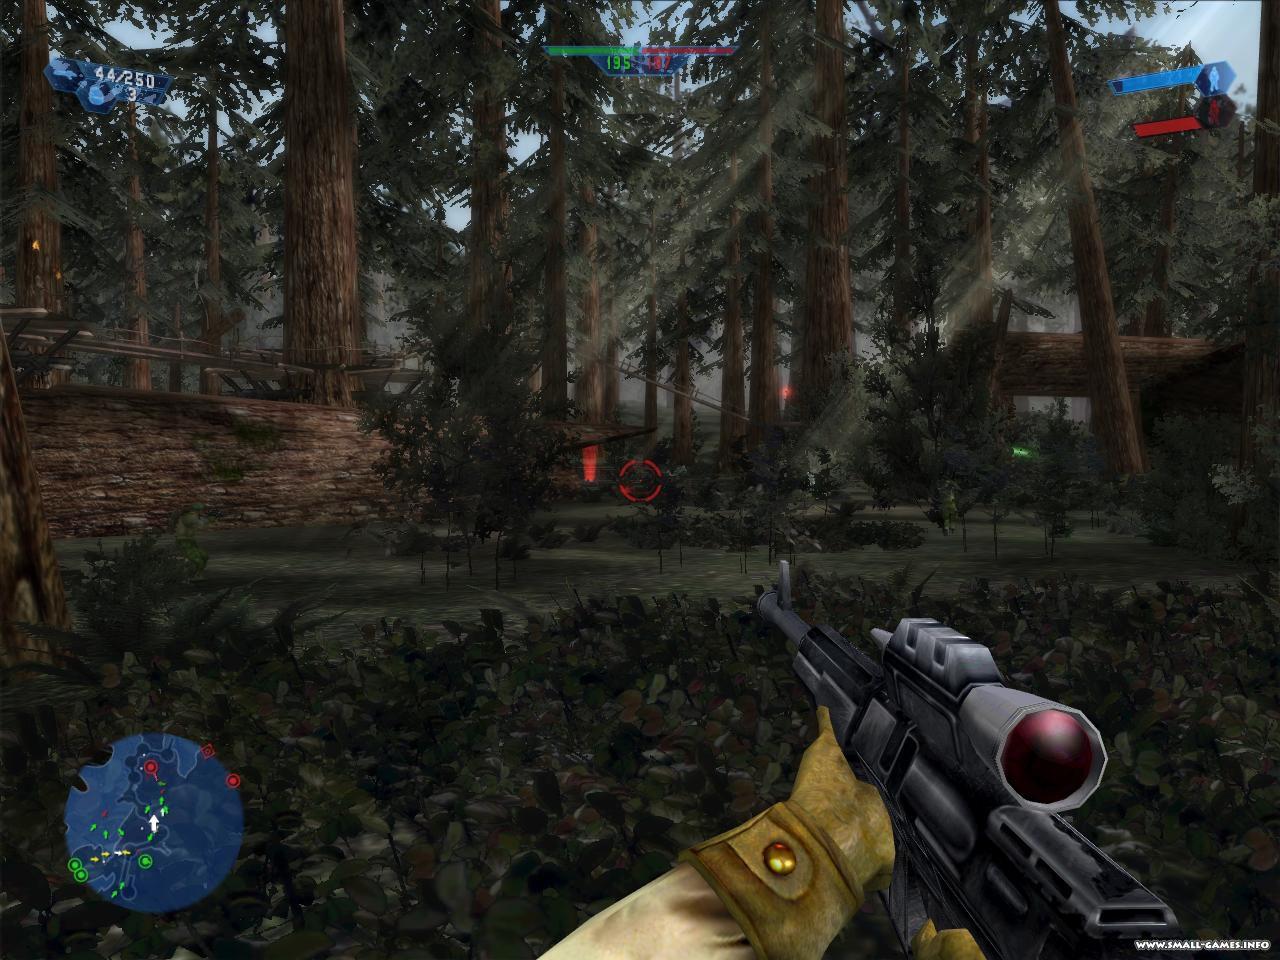 Звездные войны игры на пк от первого лица доступные игры черепашки ниндзя